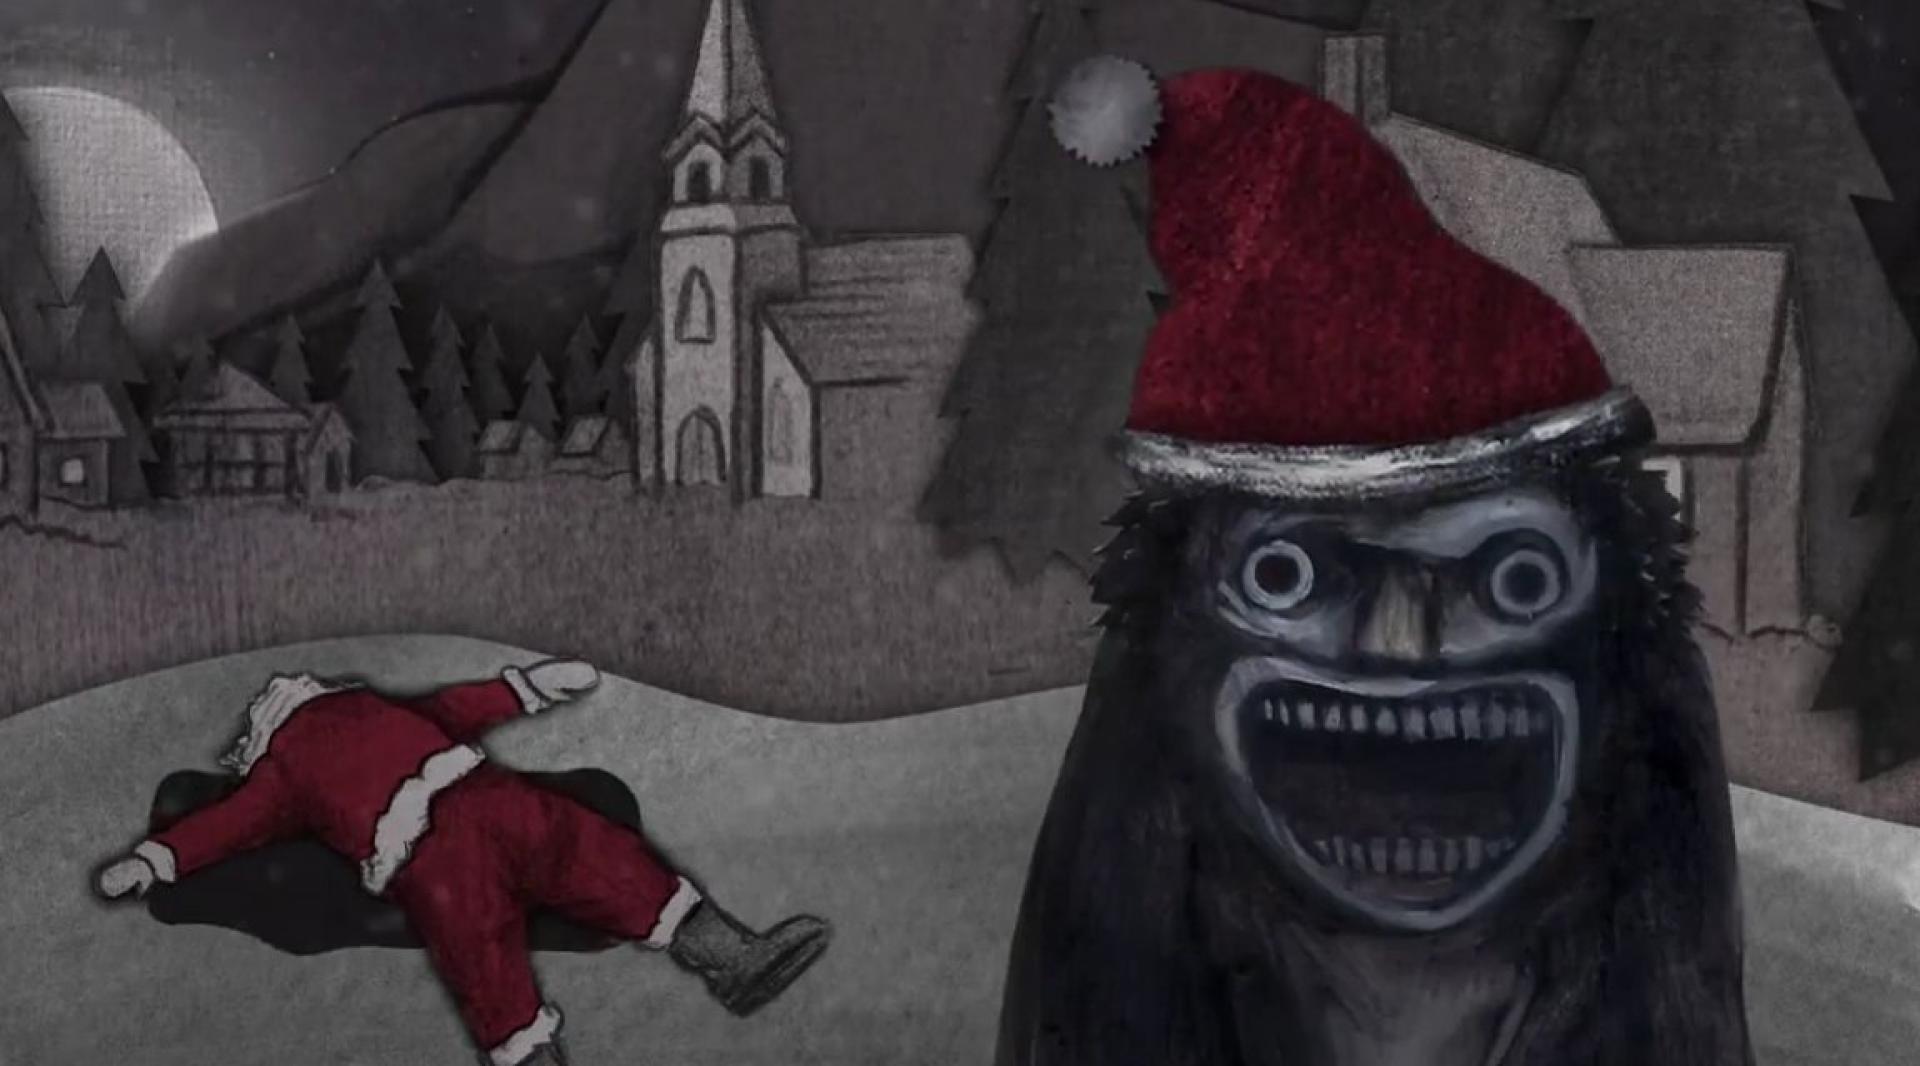 A 'Dook, aki ellopta a karácsonyt